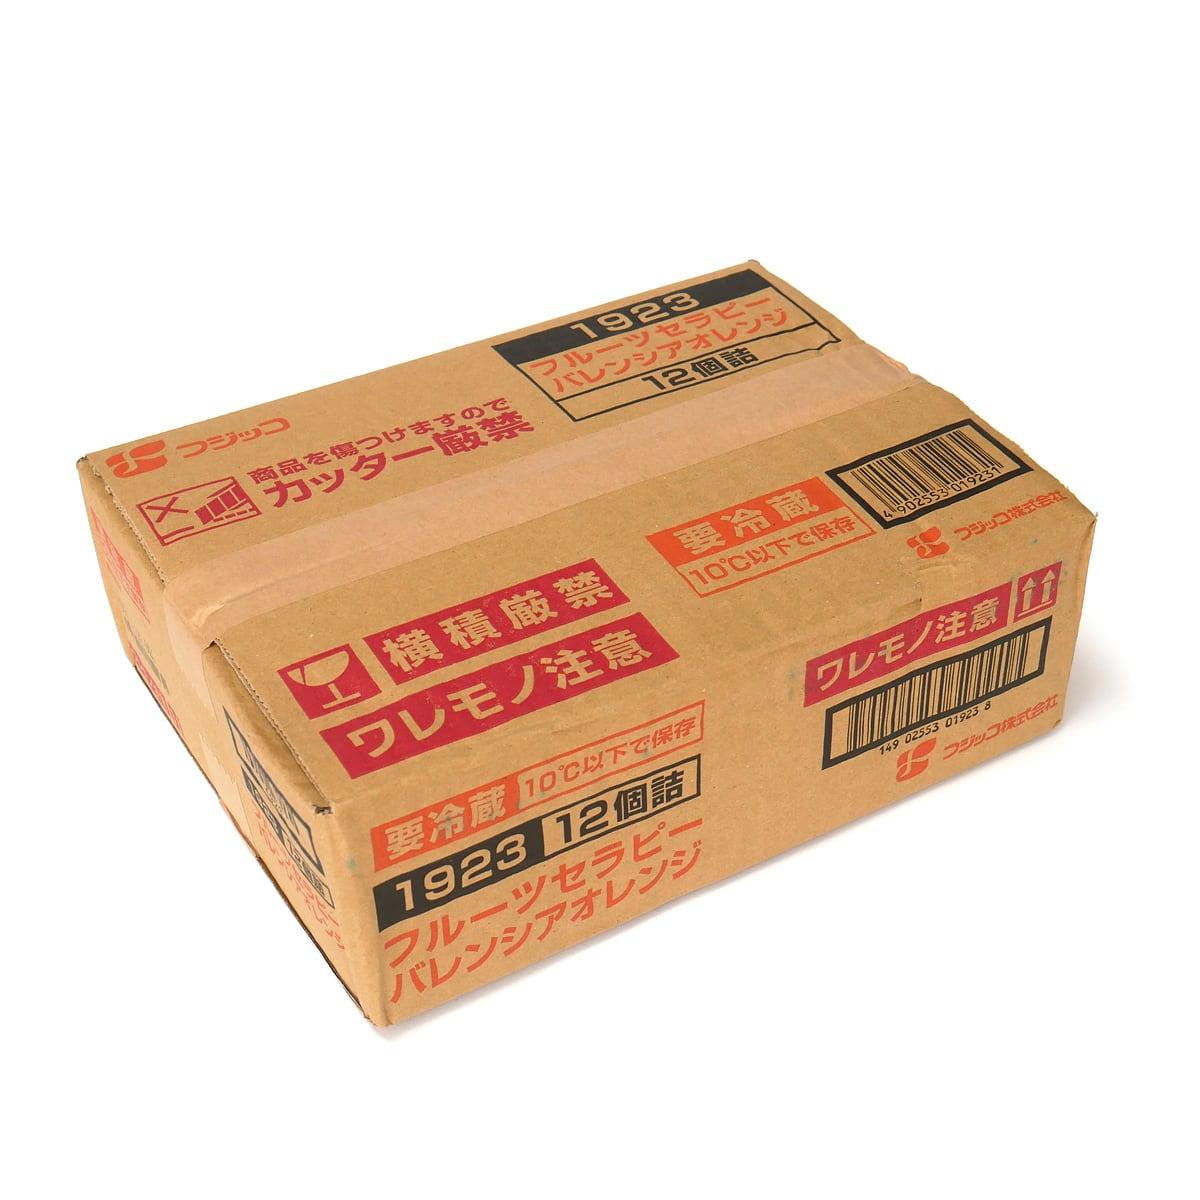 フジッコ フルーツセラピー バレンシアオレンジ 12個入 外箱(ダンボールの箱)